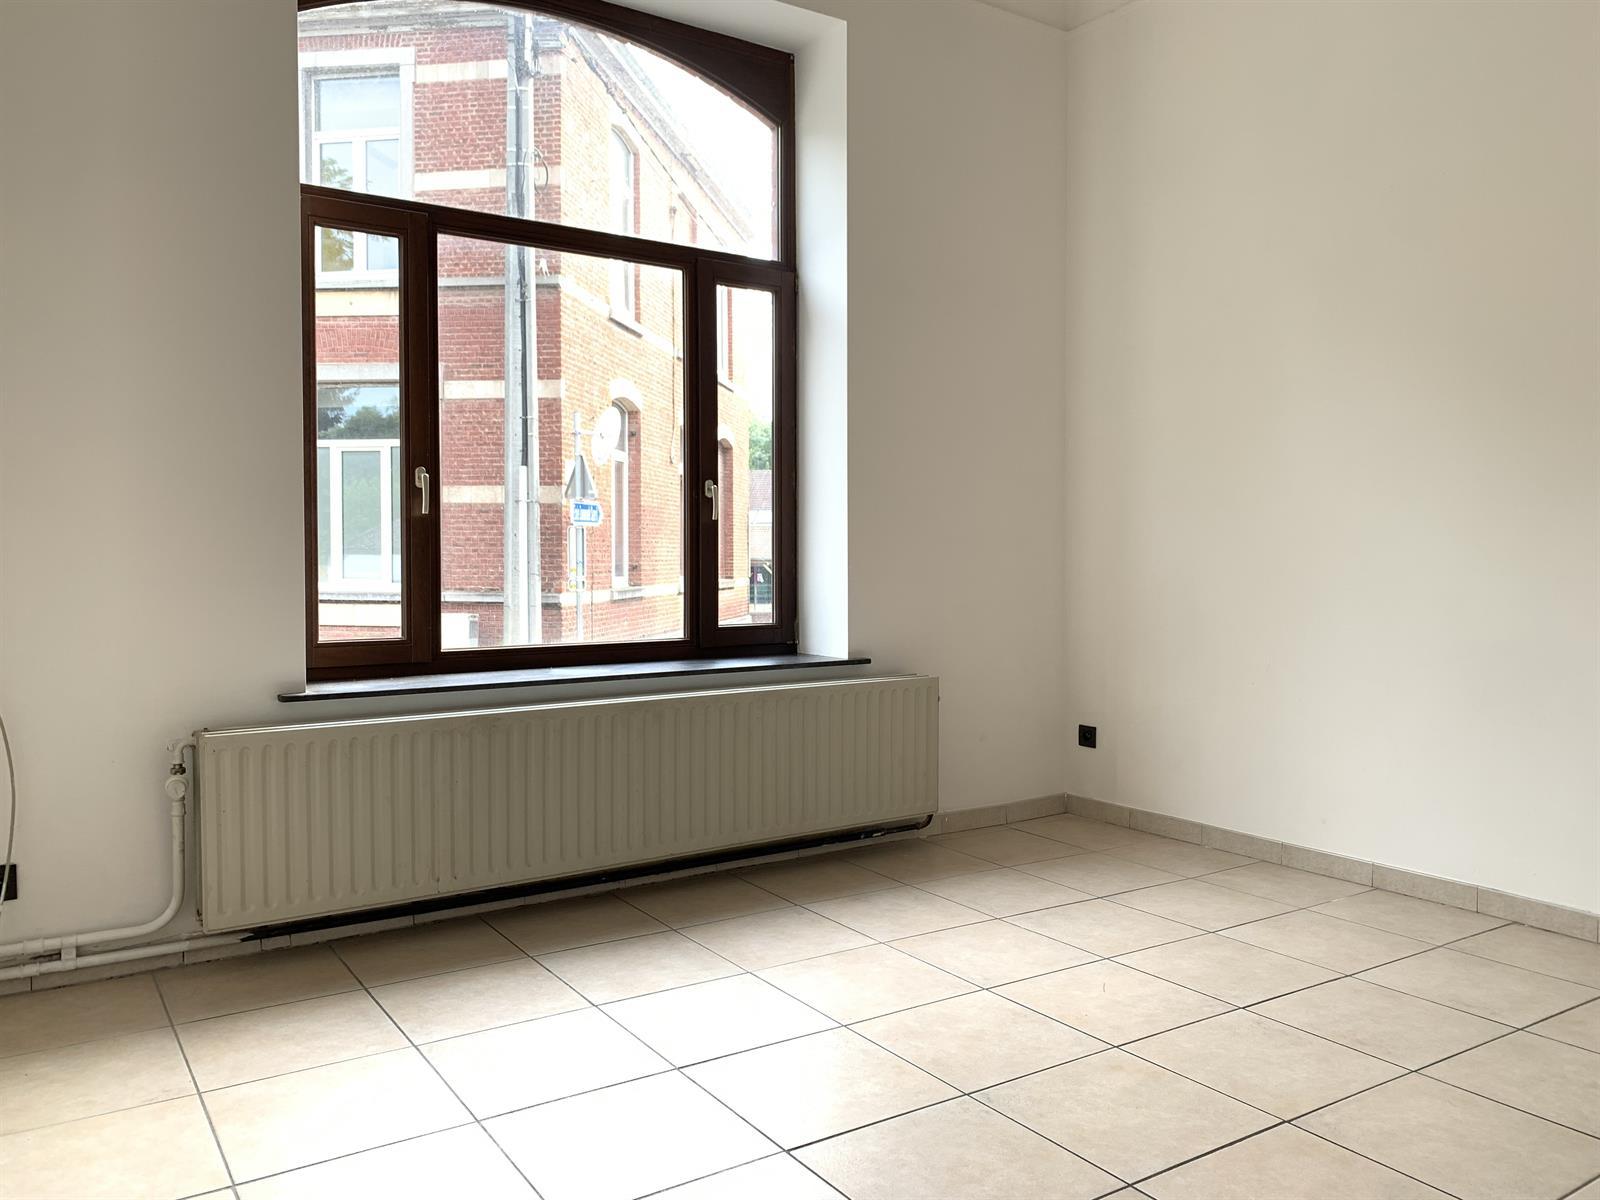 Maison de caractère - Court-St.-Etienne - #4454949-7